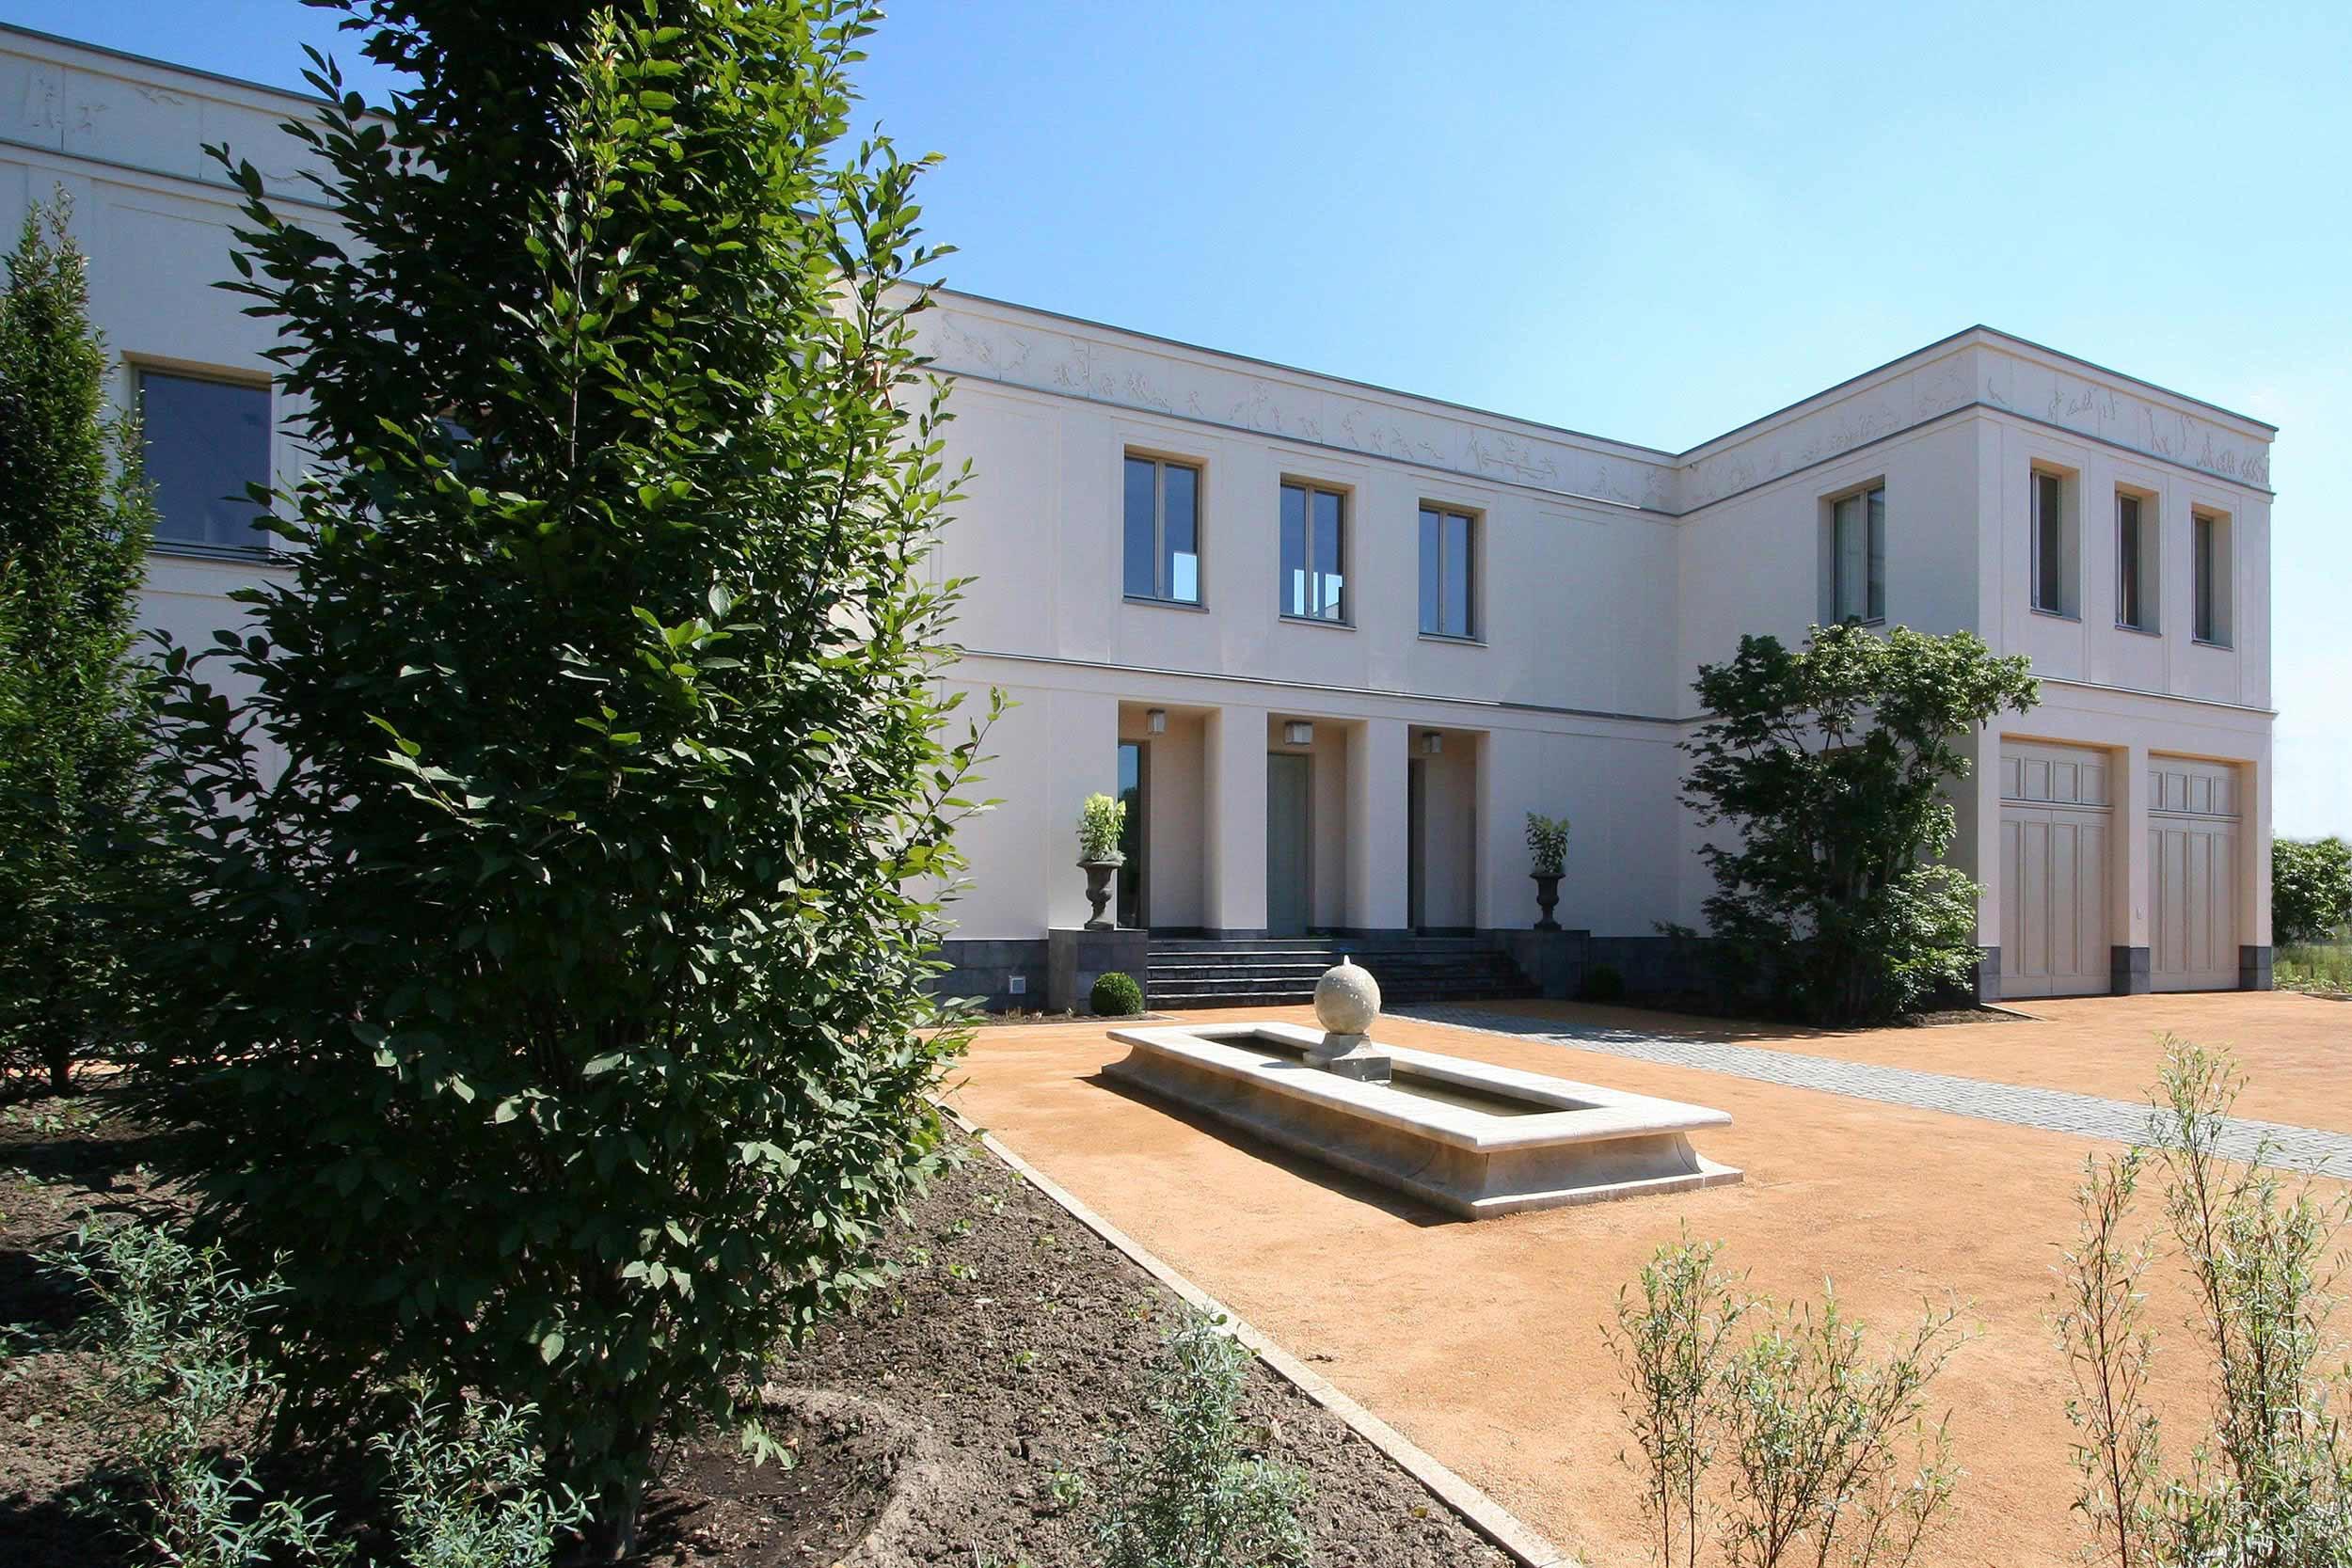 KLASSIK UND TRADITION - Neubau klassizistische Villa - Das Eingangsportal mit klassischer Säulenstellung und dekorativem Attikafries.